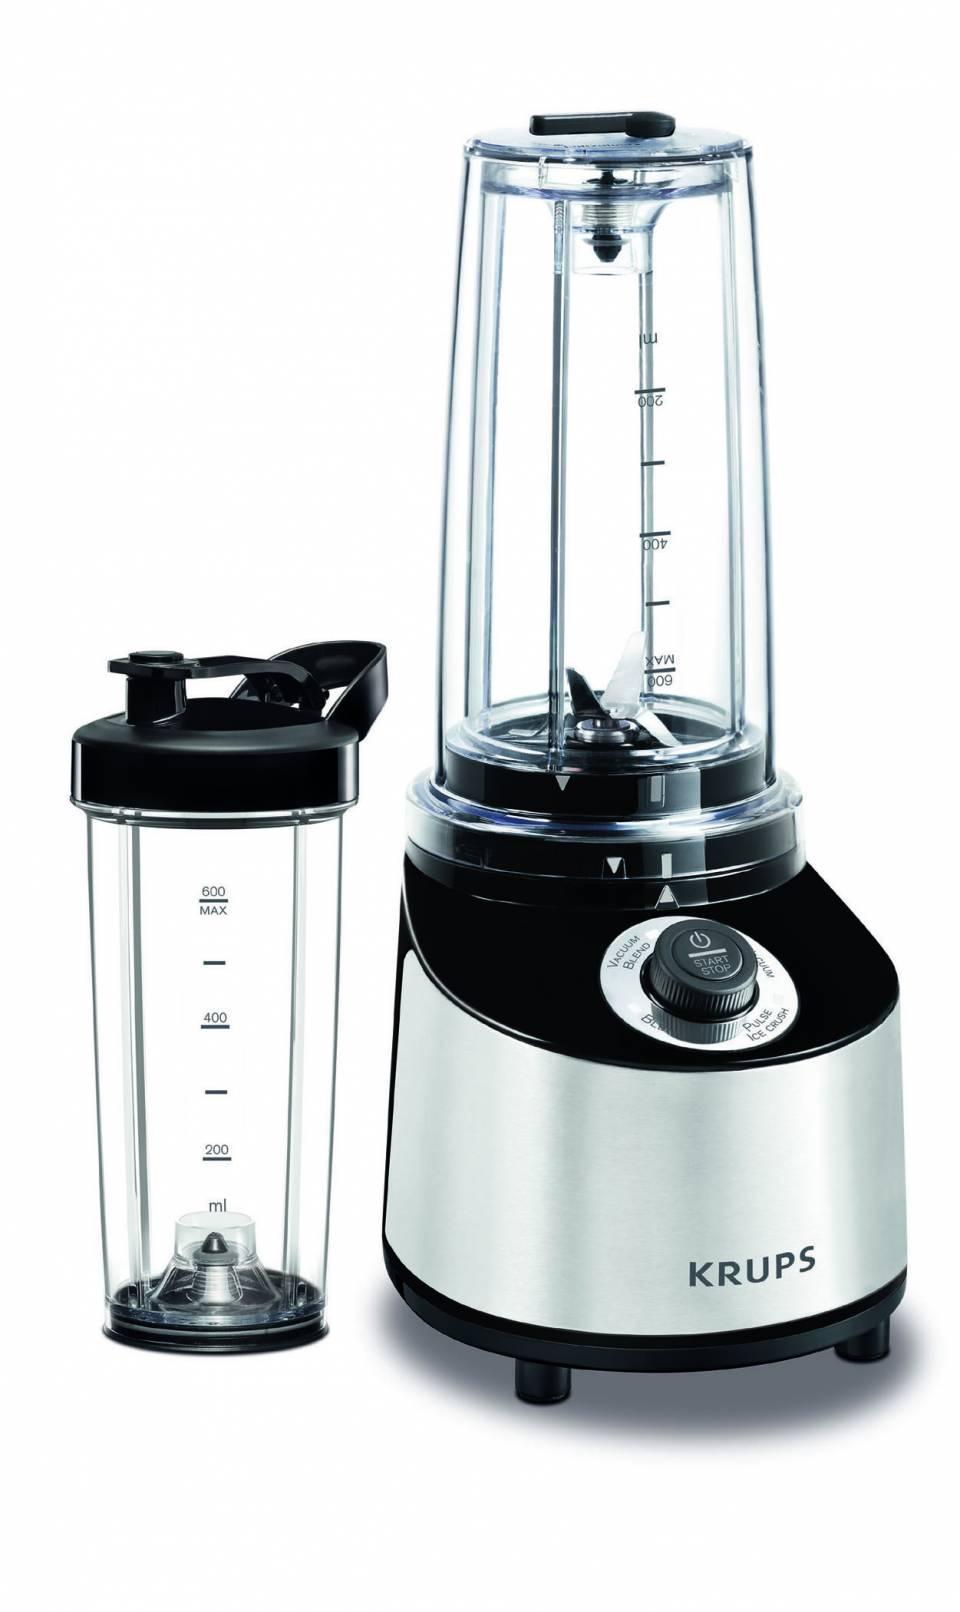 Krups Freshboost Vakuum Standmixer to go mit Nutrivacuum-Technologie.